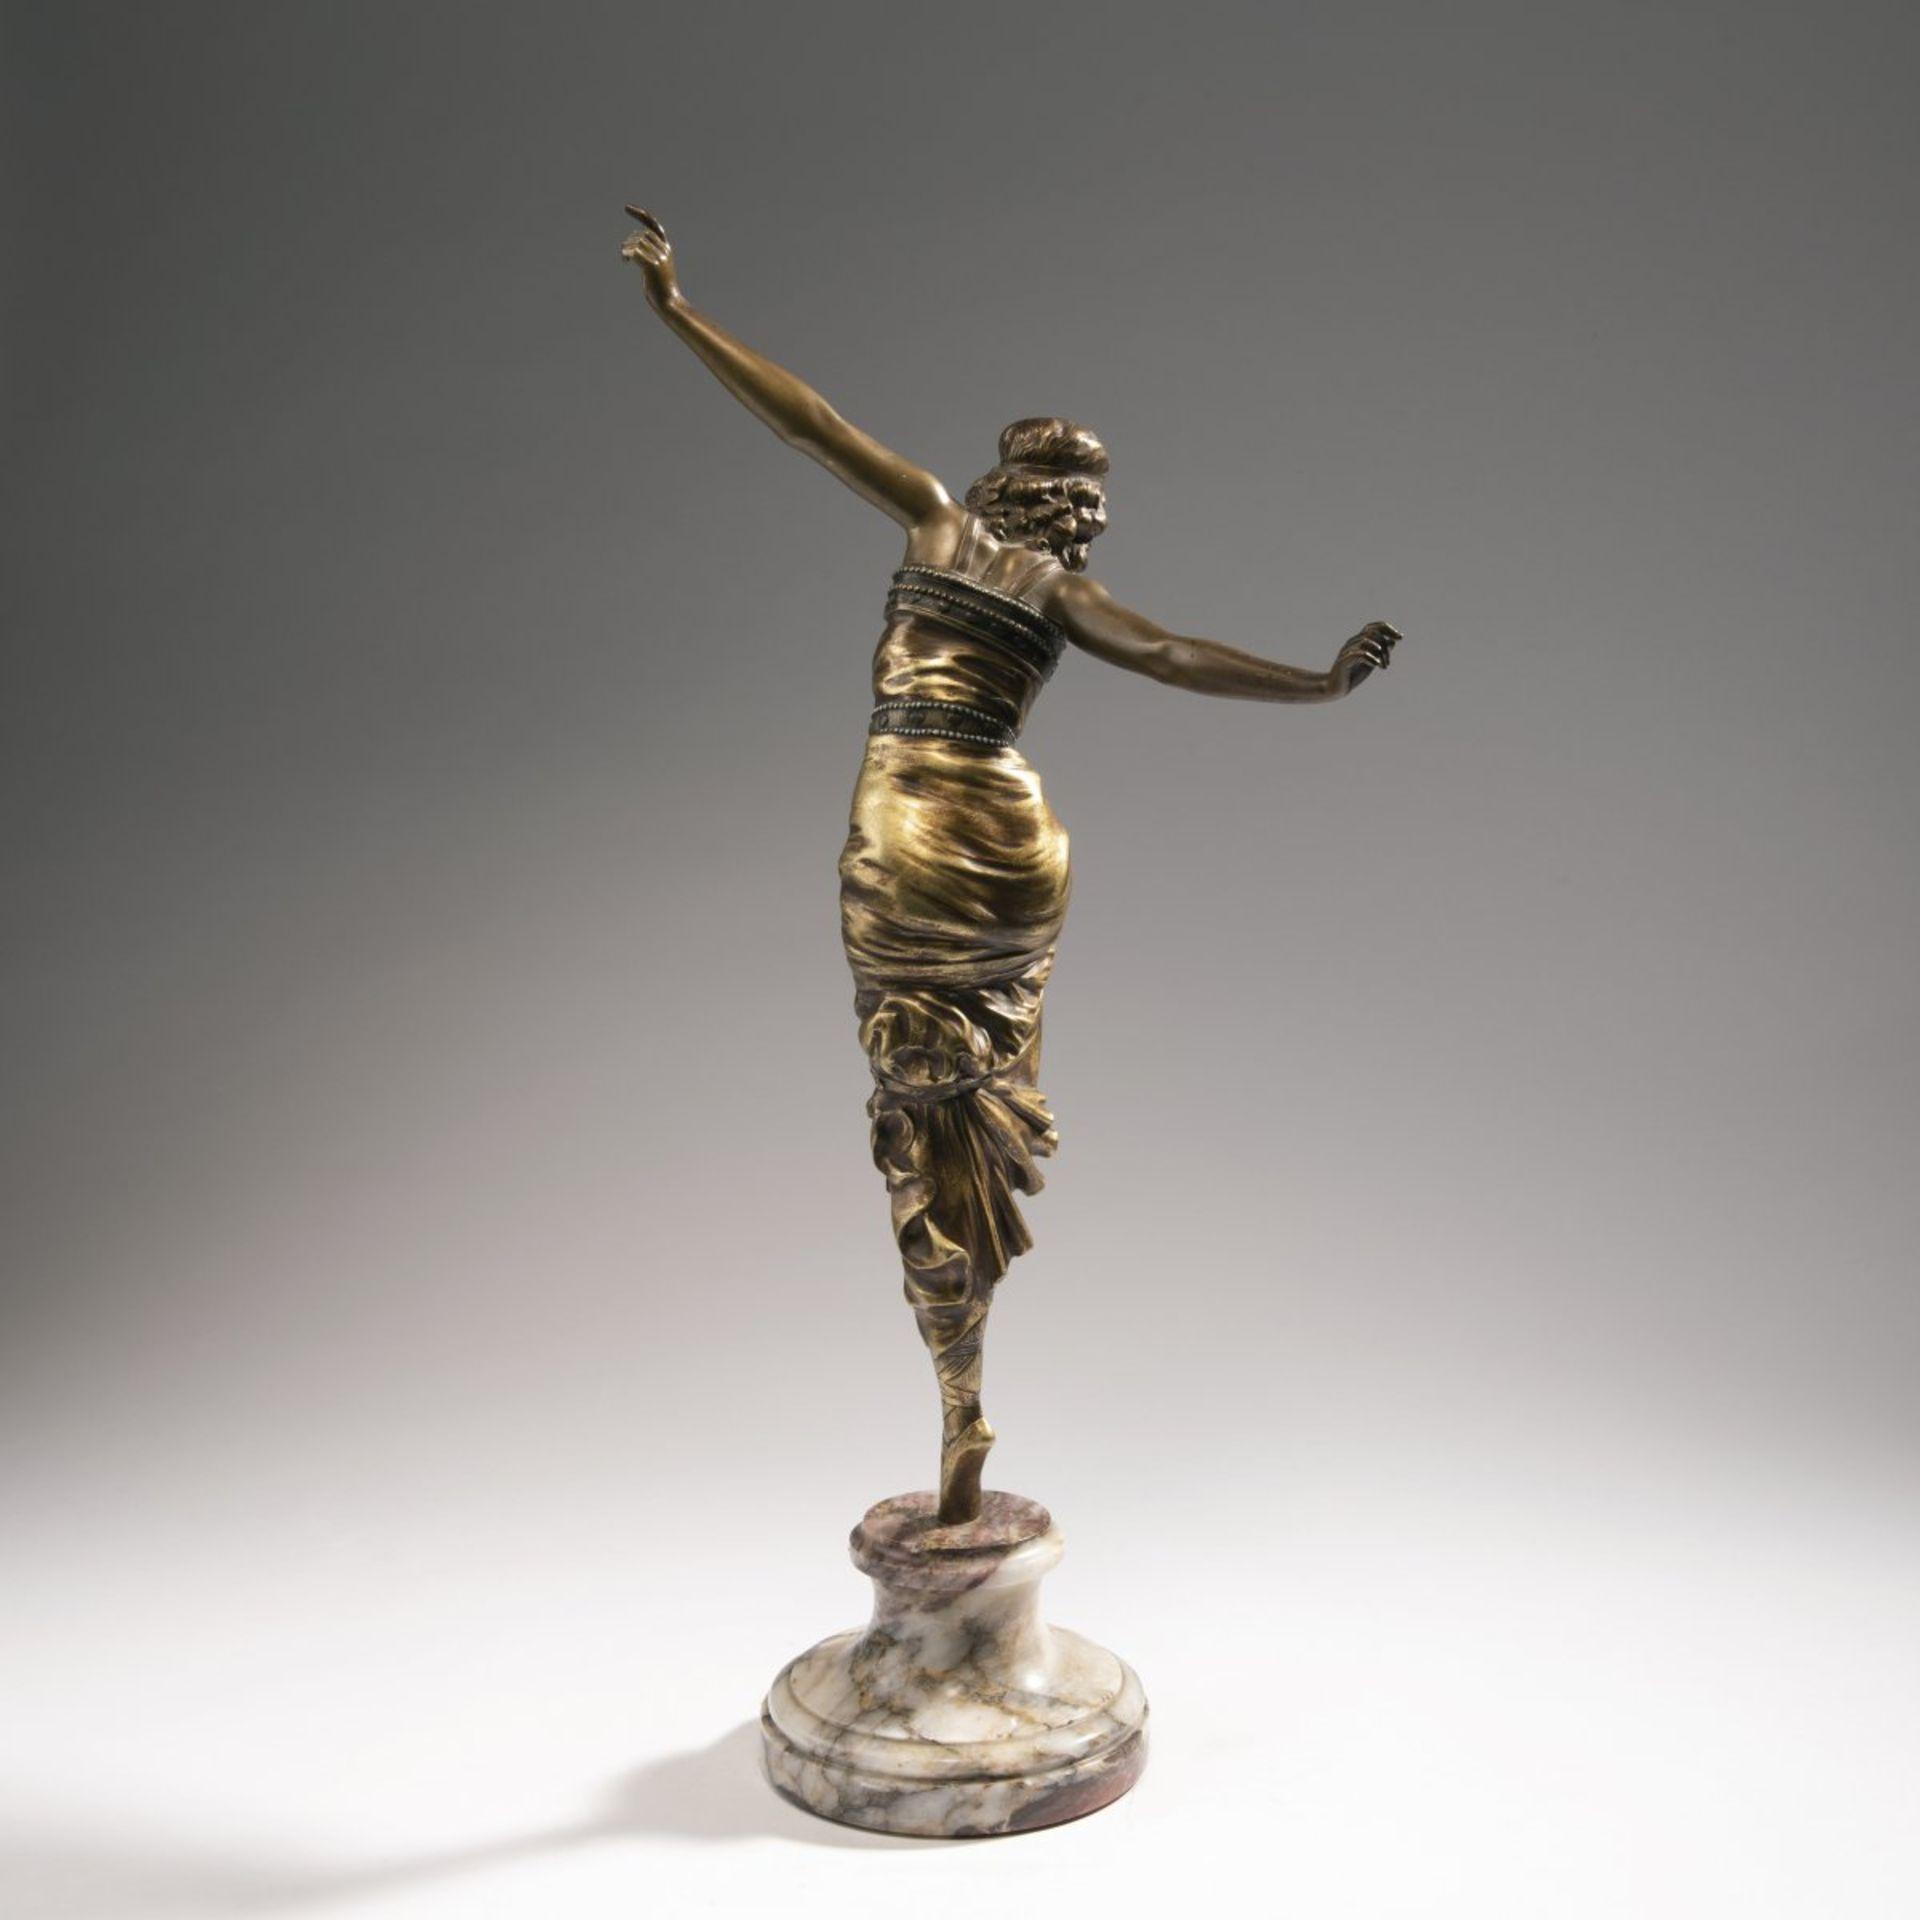 Paul Philippe, 'Große Russische Tänzerin', 1920er Jahre - Bild 4 aus 8